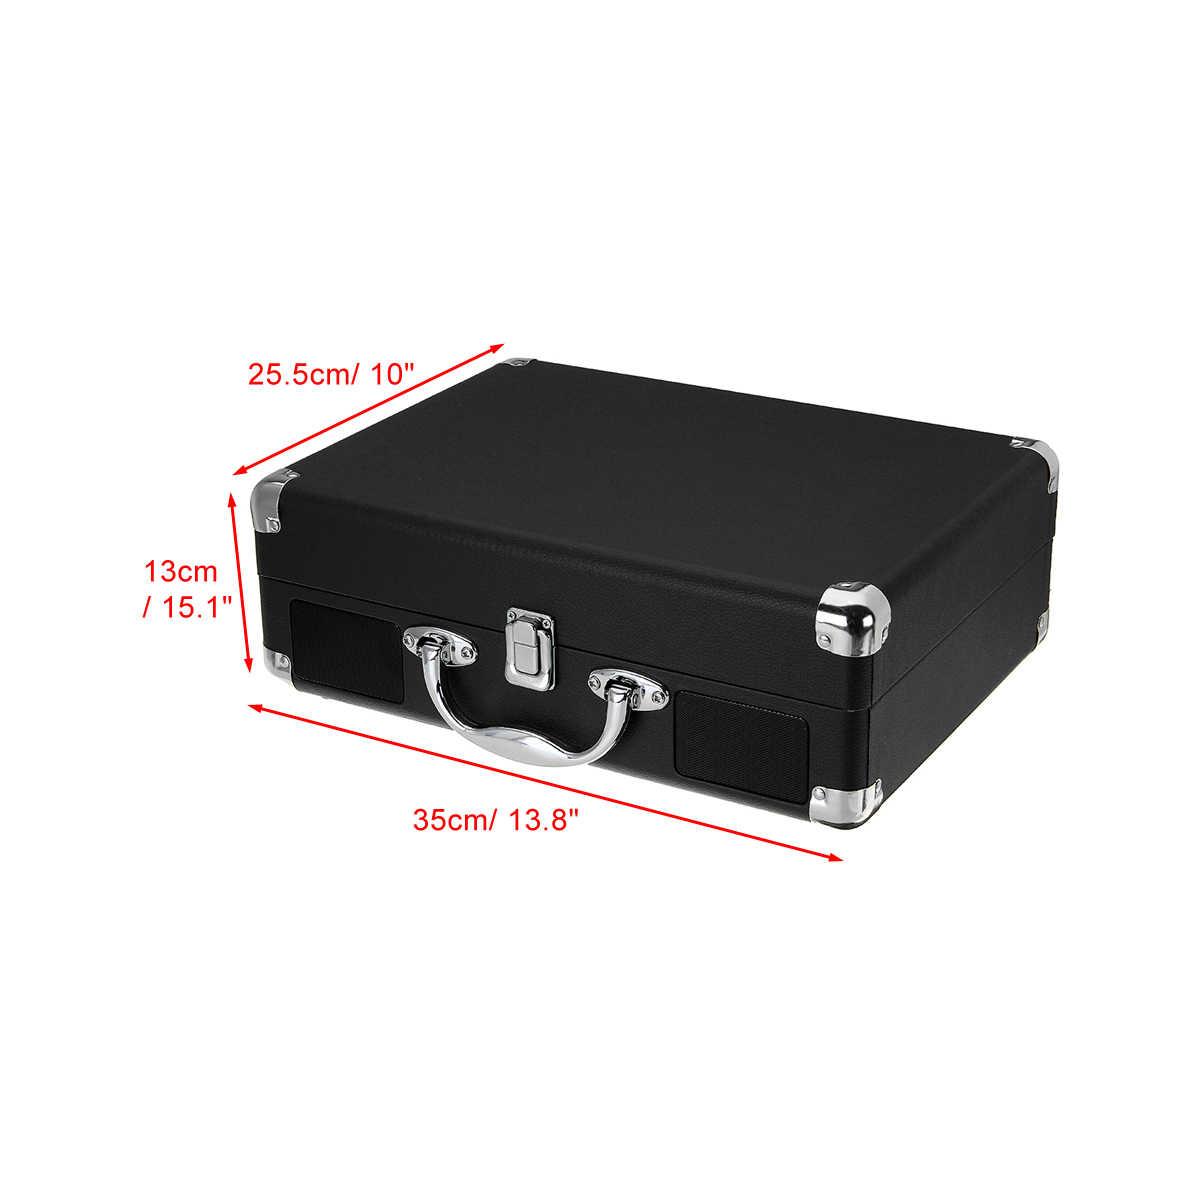 البلاستيك الخشب الرجعية 33/45/78 دورة في الدقيقة بلوتوث PH/ INT/ BT 2.0 حقيبة القرص الدوار الفينيل LP سجل الهاتف لاعب 3 سرعات 3.5 مللي متر AUX في